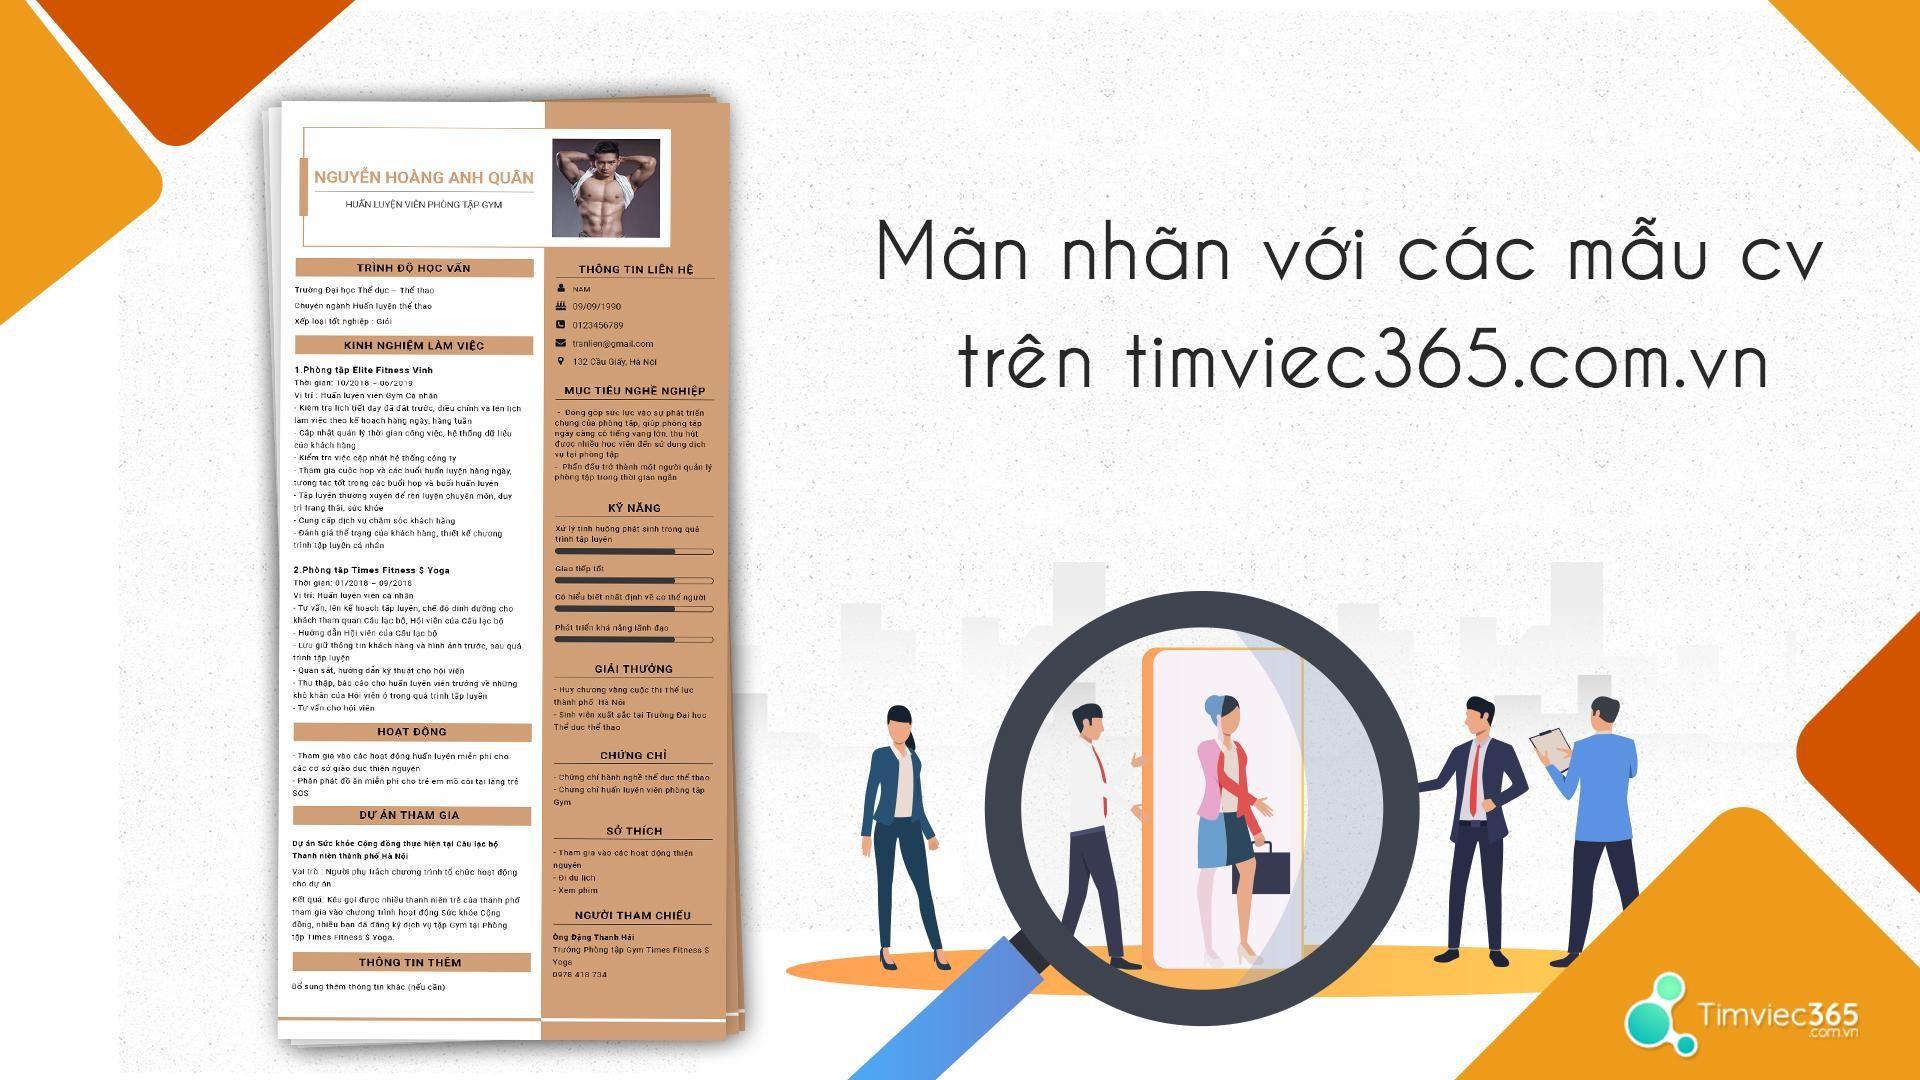 Website timviec365.com.vn – Nơi gặp gỡ của ứng viên và nhà tuyển dụng